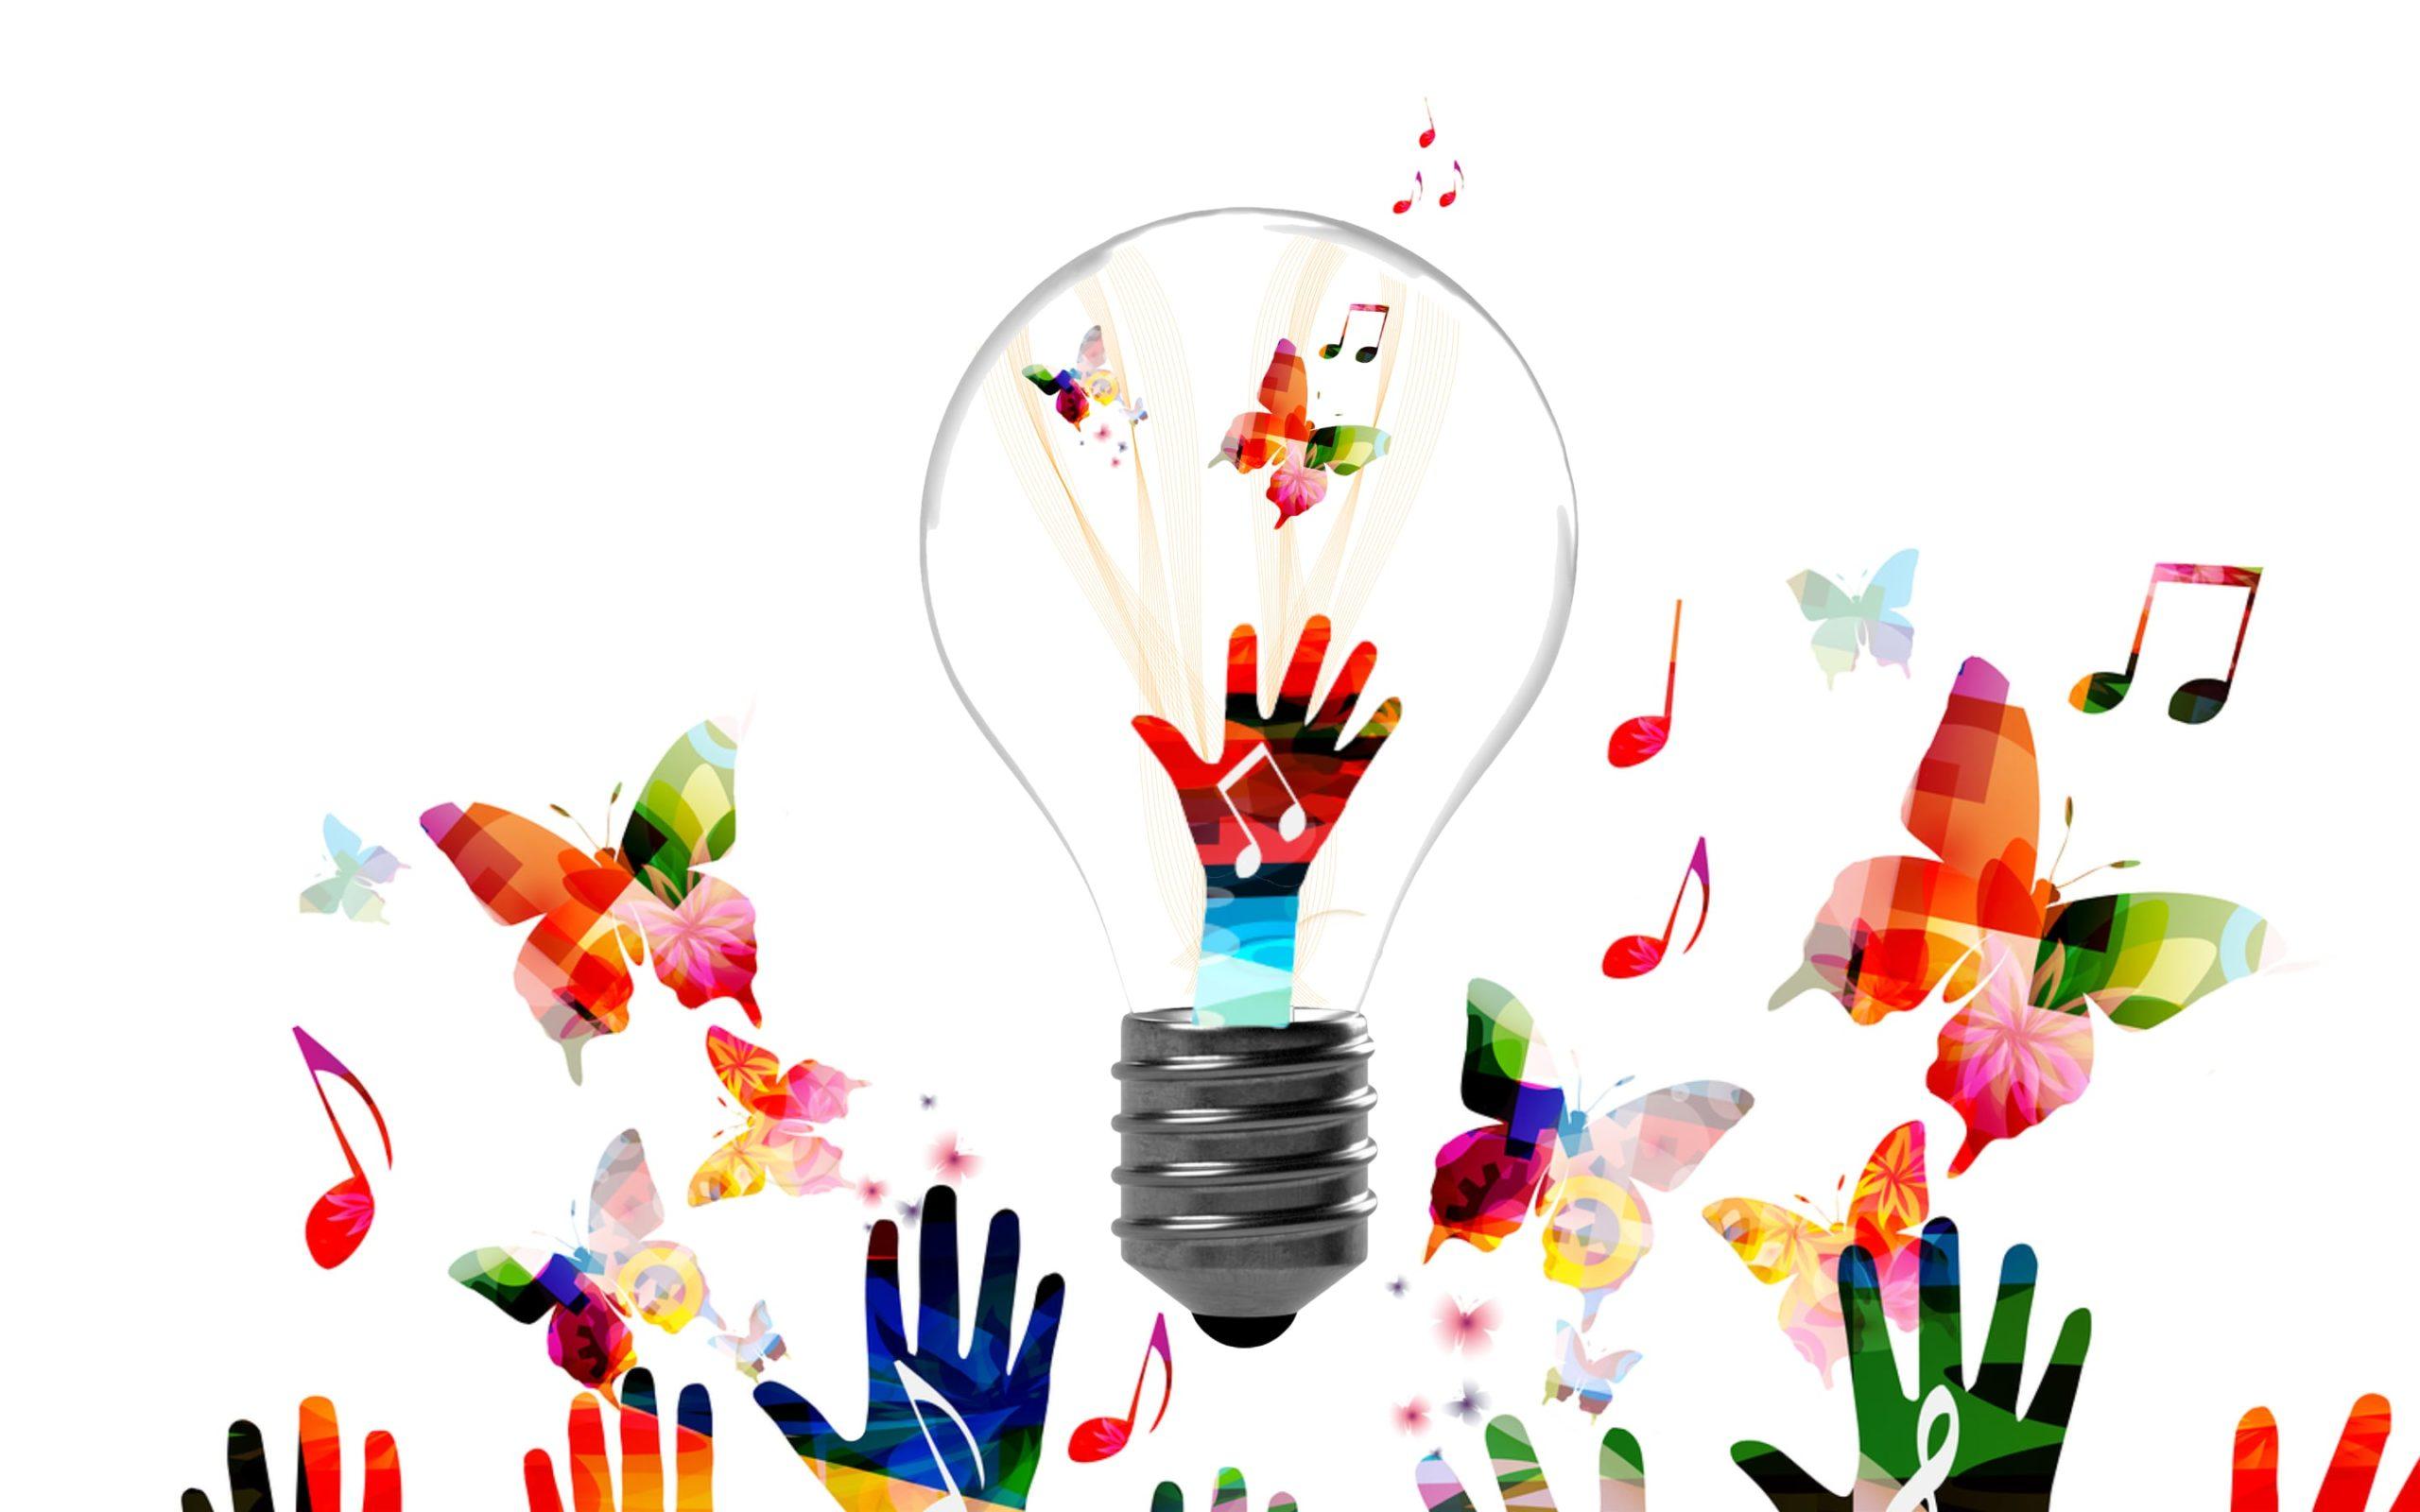 Fargerikt Bilde Av Sommerfugler, Hender Og En Lyspære Som Symboliserer Kreativitet Og Ideer